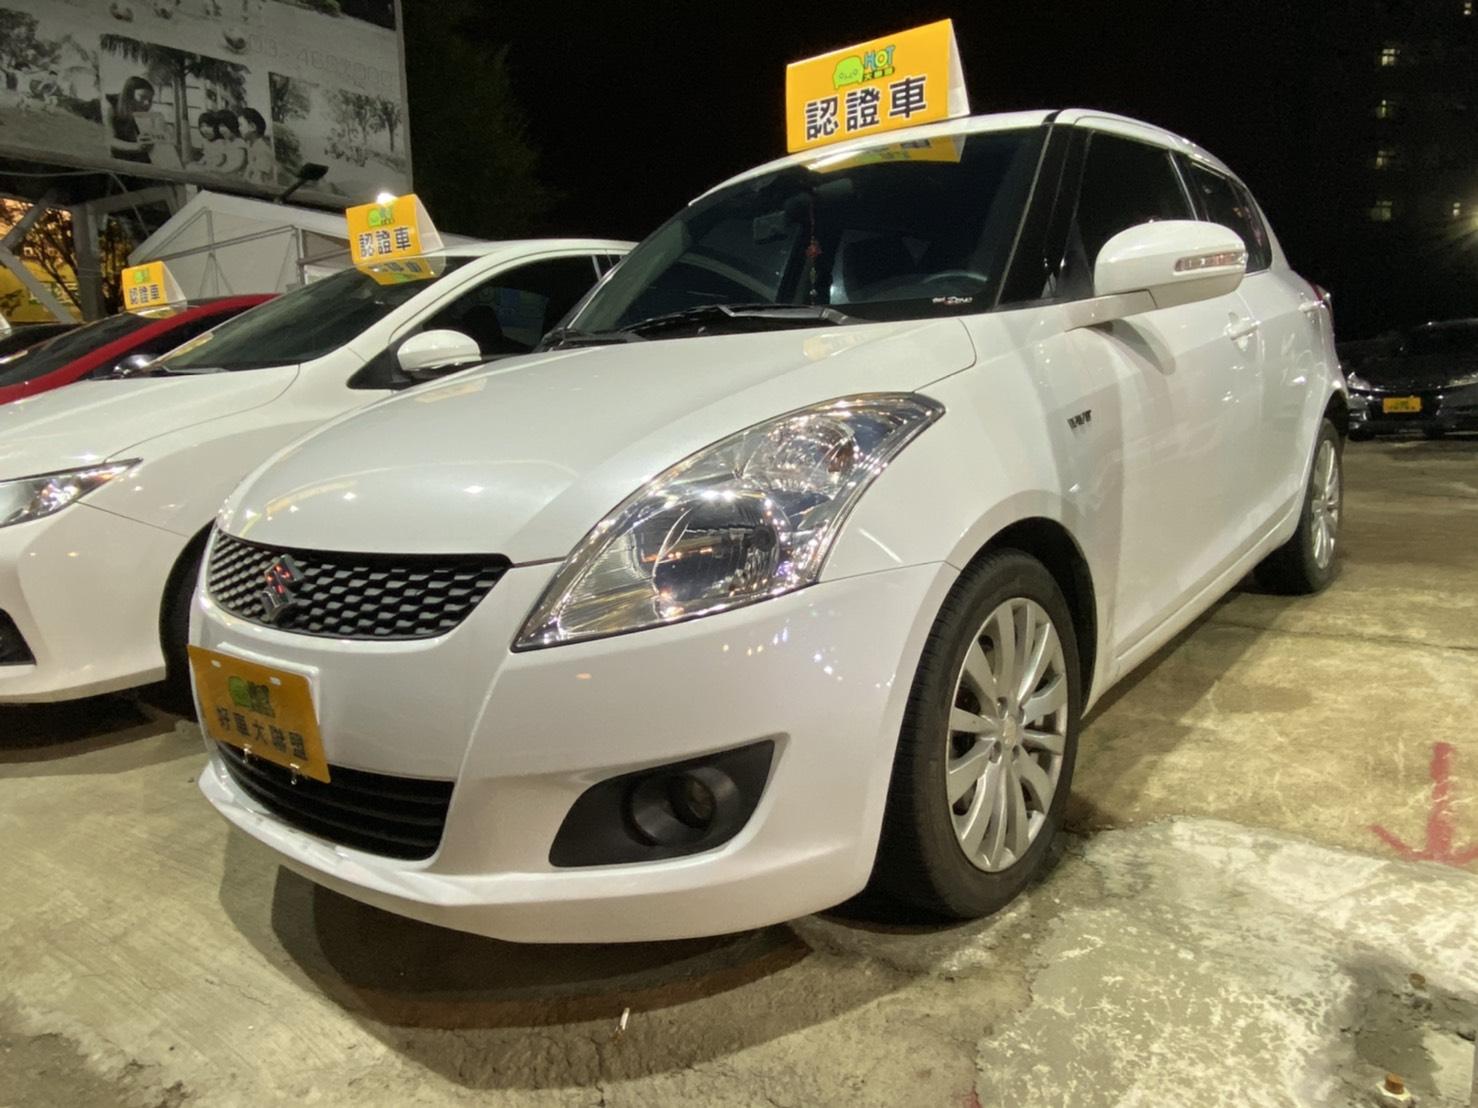 2011 Suzuki 鈴木 Swift